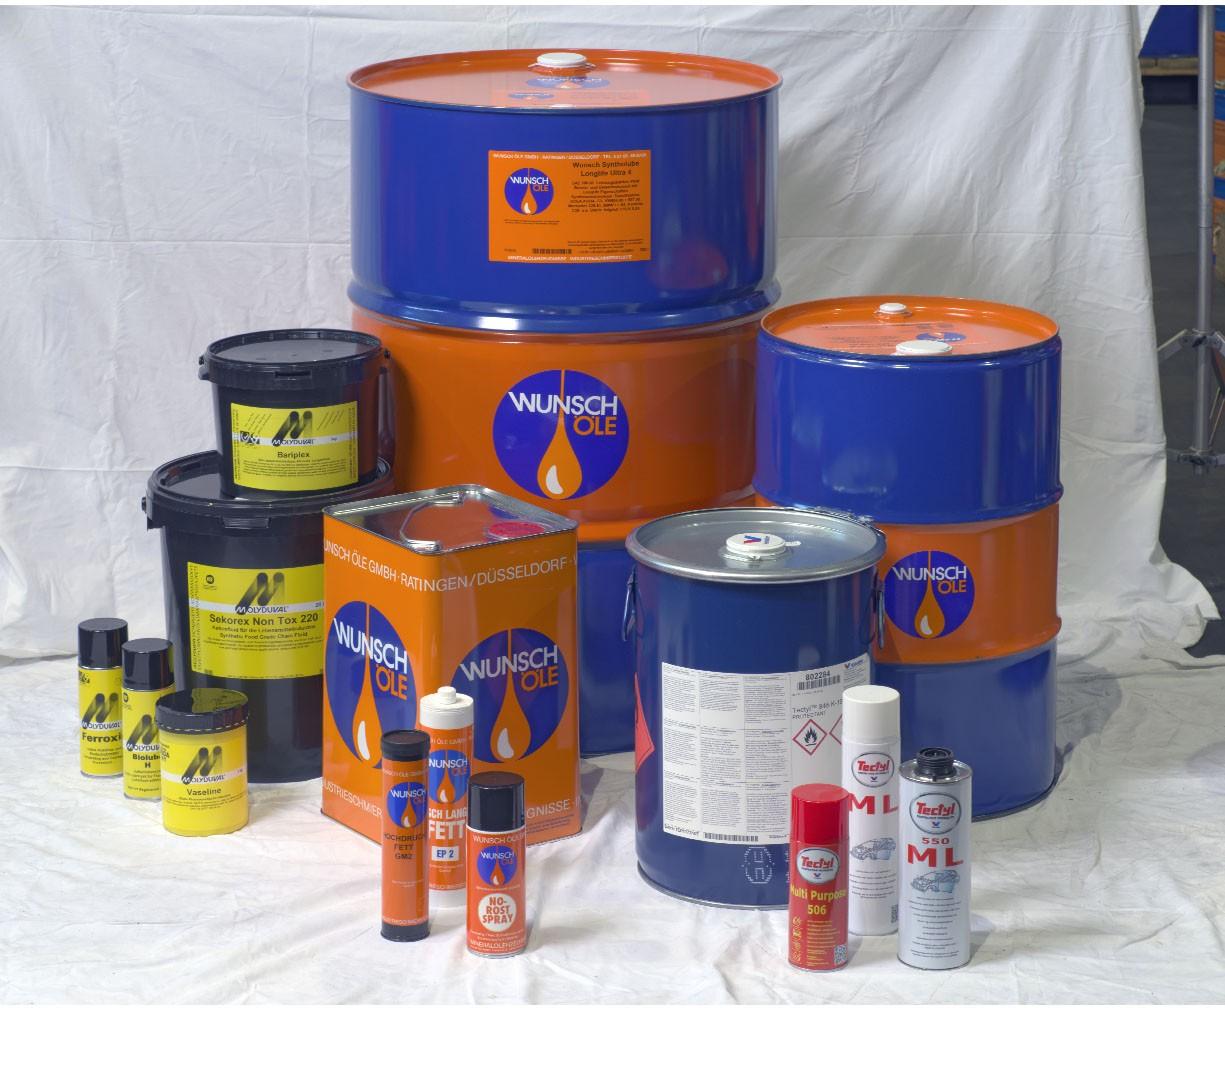 Ausgangsbild für die Bildretusche/Freistellung: Wunsch Öle Produkten vor Ort fotografiert